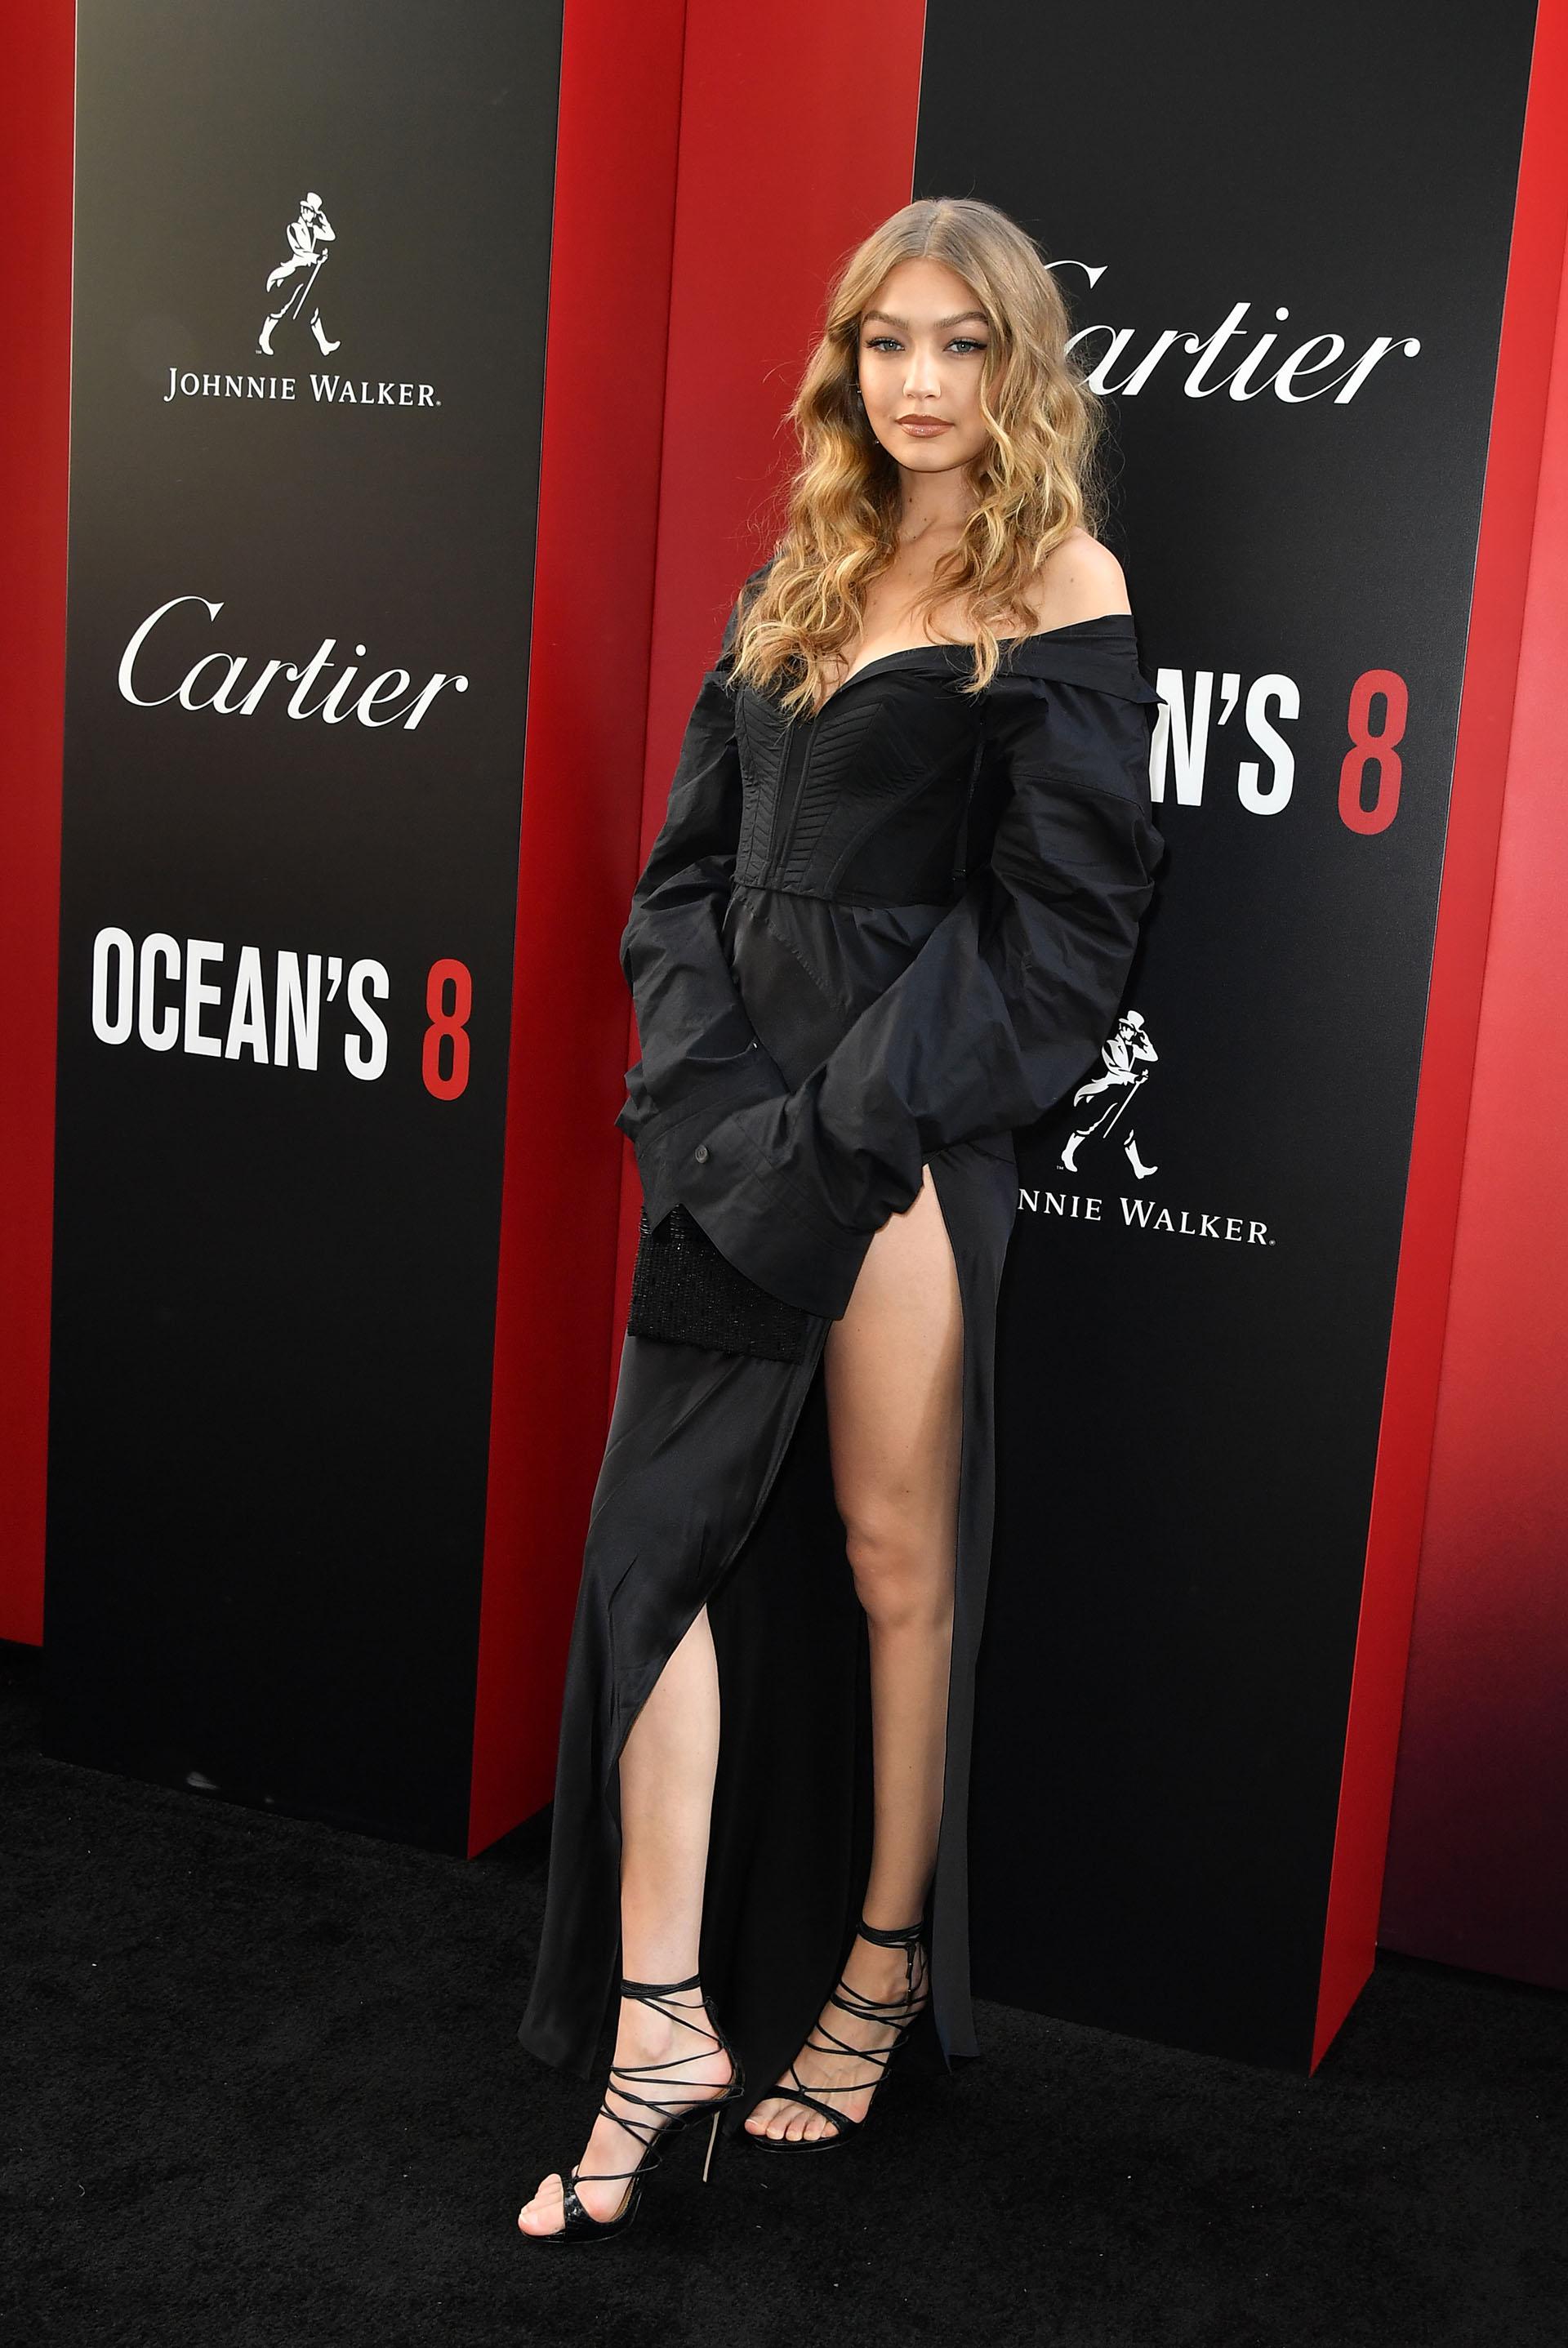 Gigi Hadid cautivó a todos en la red carpet de Nueva York, donde se presentó mundialmente Ocean's 8